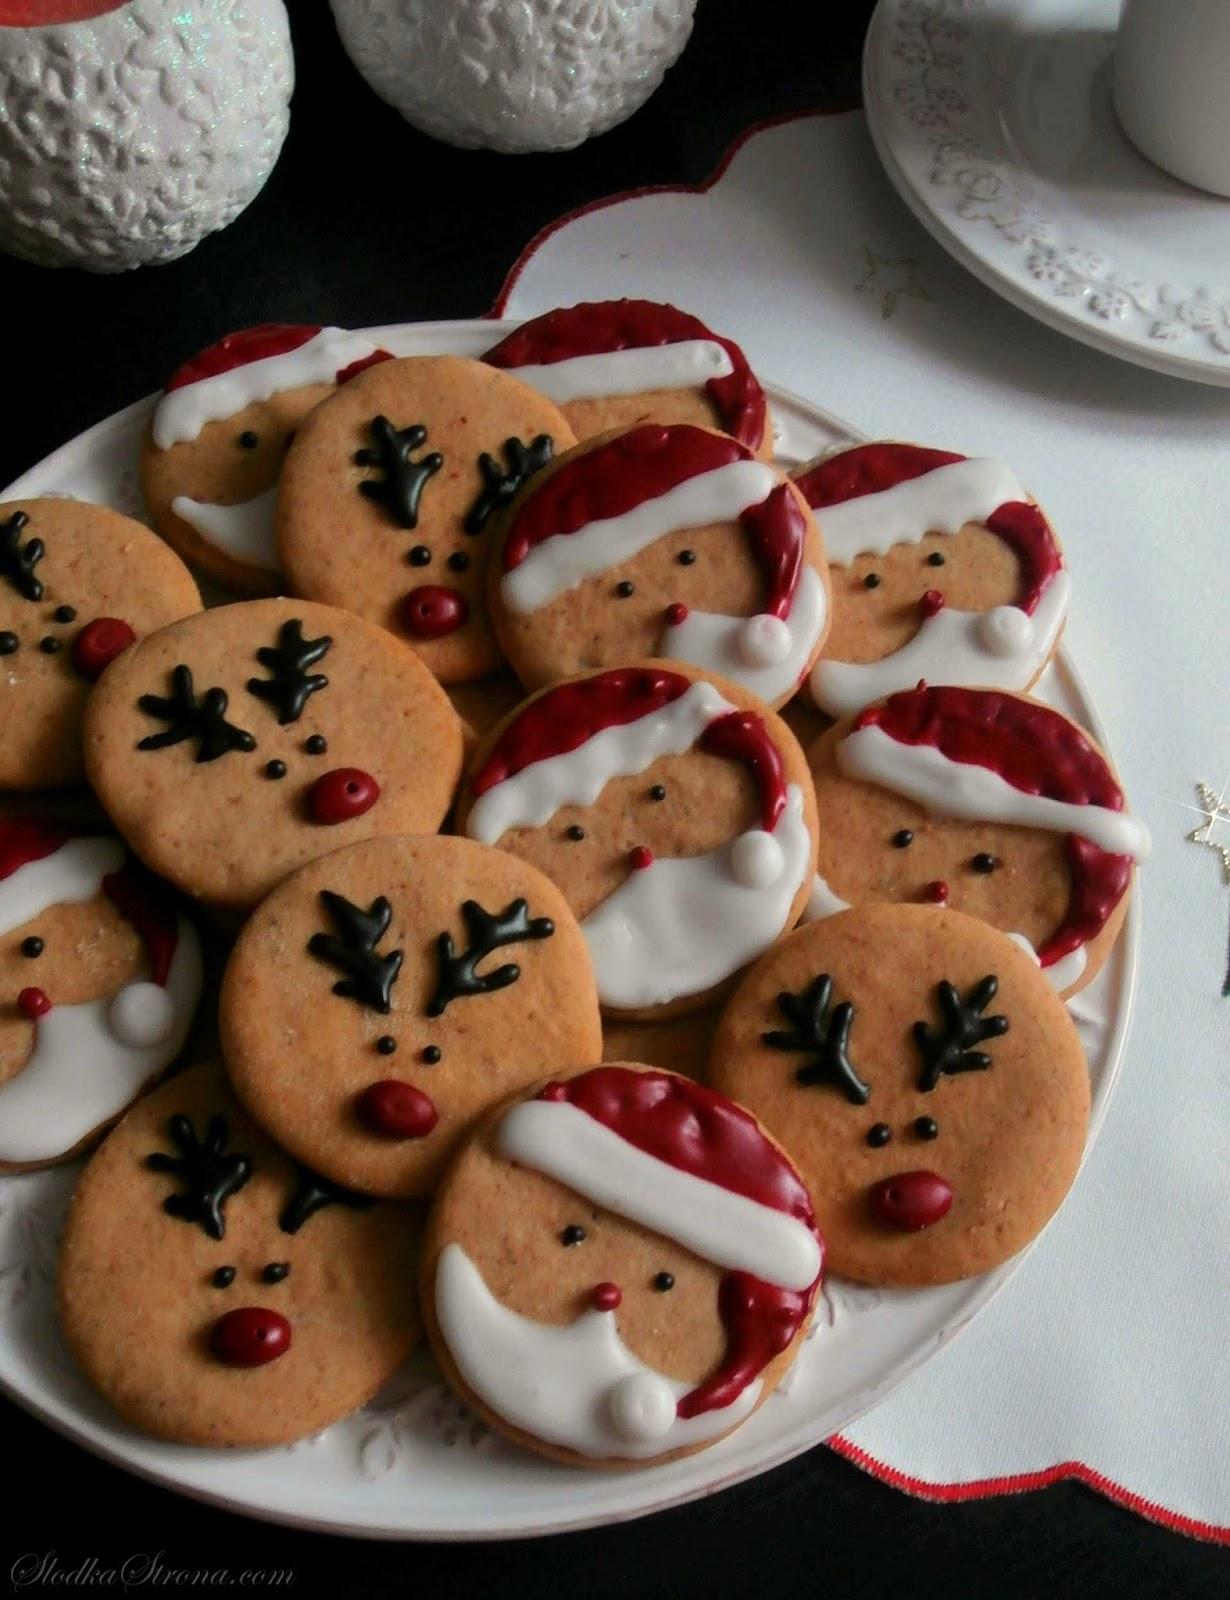 Smaczne ciasteczka z uroczymi bożonarodzeniowymi motywami. Ciasteczka prócz charakterystycznego dla świąt korzennego smaku, przedstawiają świąteczne postacie Mikołaja oraz Reniferów, którymi zauroczą się szczególnie dzieci. Ponadto maluchy będą mięć mnóstwo zabawy podczas ich samodzielnego tworzenia. ciasteczka korzenne, ciasteczka korzenne przepis, ciasteczka z mikołajami, ciasteczka bożonarodzeniowe, ciasteczka na boże narodzenie, boze narodzenie przepis, ciastka na boze narodzenie, ciasteczka swiateczne,ciasteczka swiateczne przepis, ciastka swiateczne przepis, ciasteczka z mikolajem,ciasteczka z reniferami, ciastka z reniferami, ciastka z mikolajami, ciastka korzenne przepis, pierniczki z mikolajem, pierniczki z reniferem Mikołaj, Renifery,